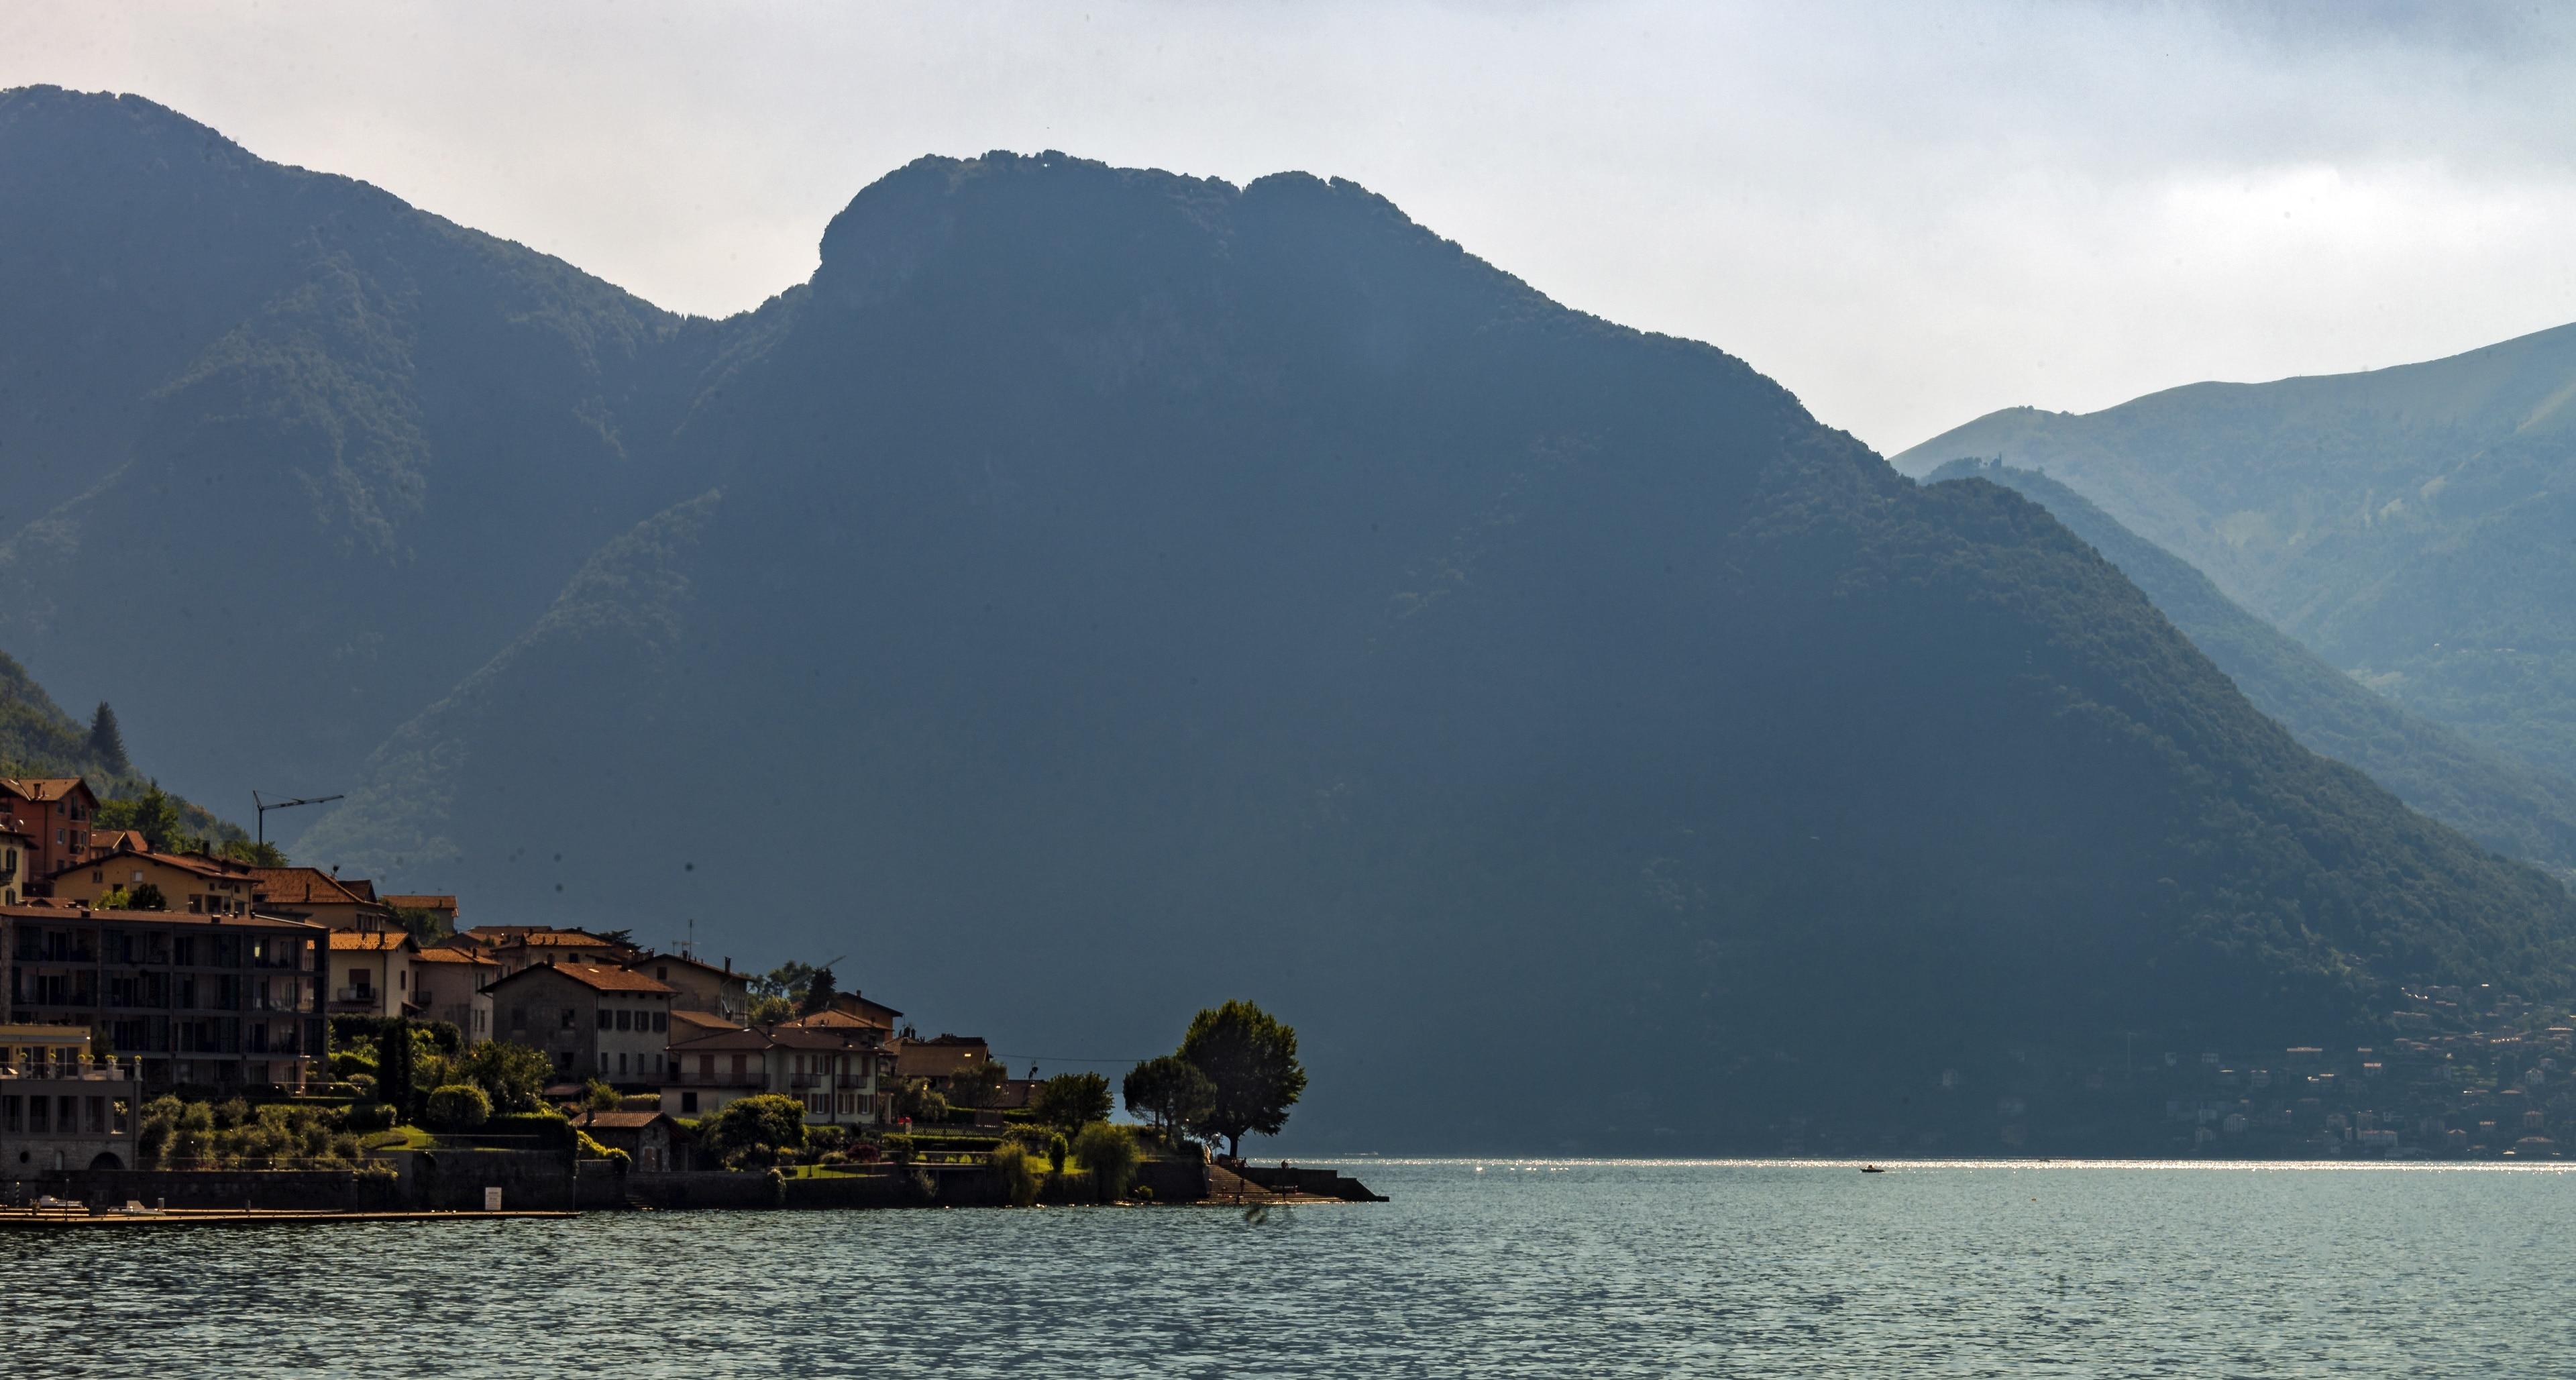 Lezzeno, Lombardy, Italy